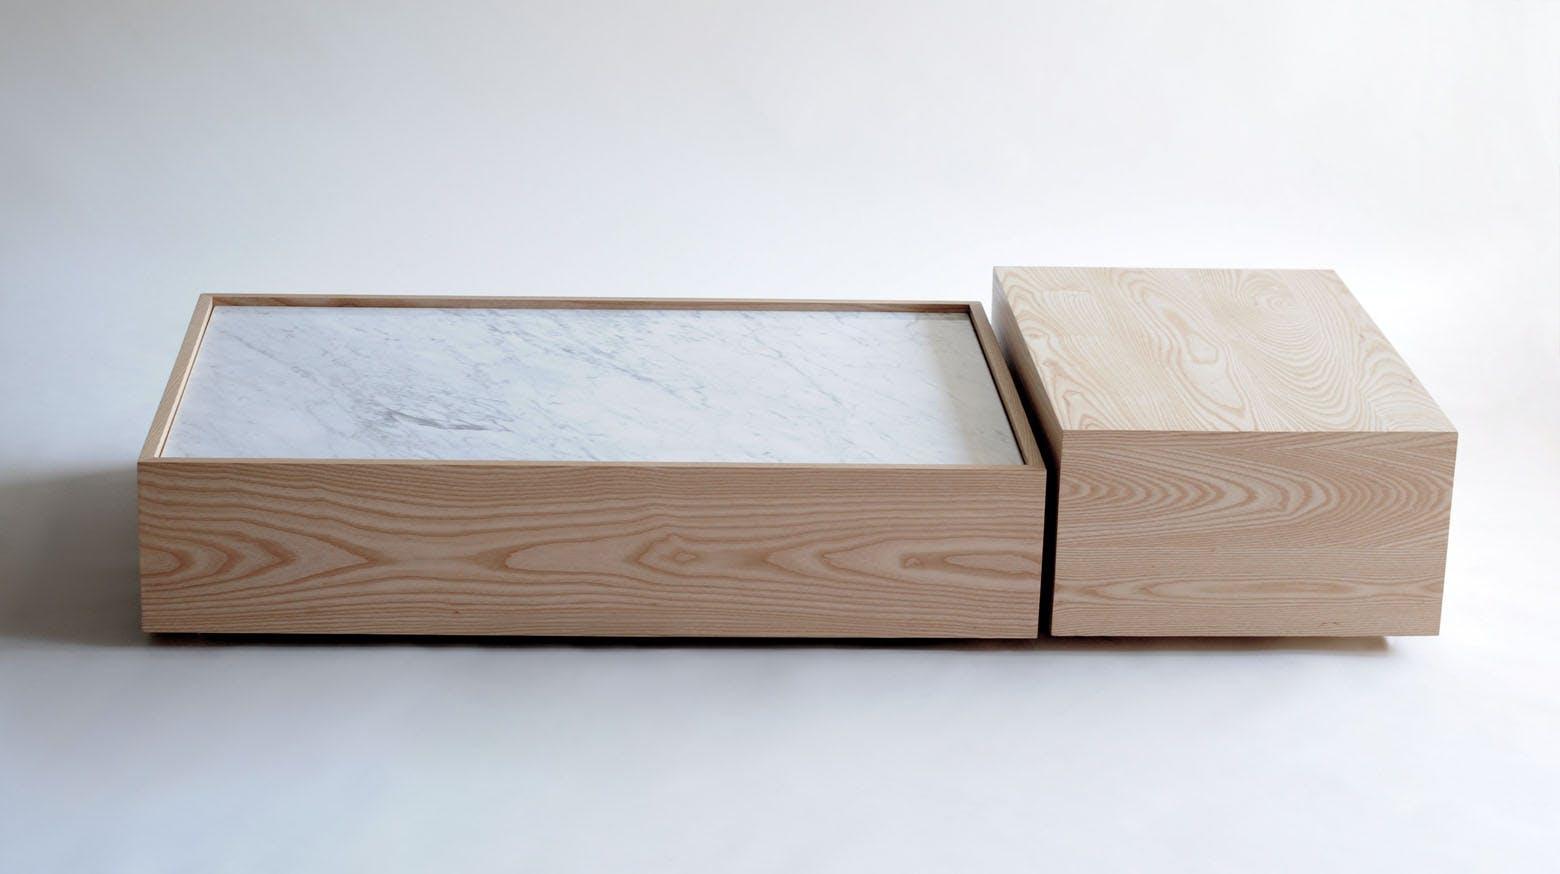 Phase Design Reza Feiz Nemesis Coffee Table 2